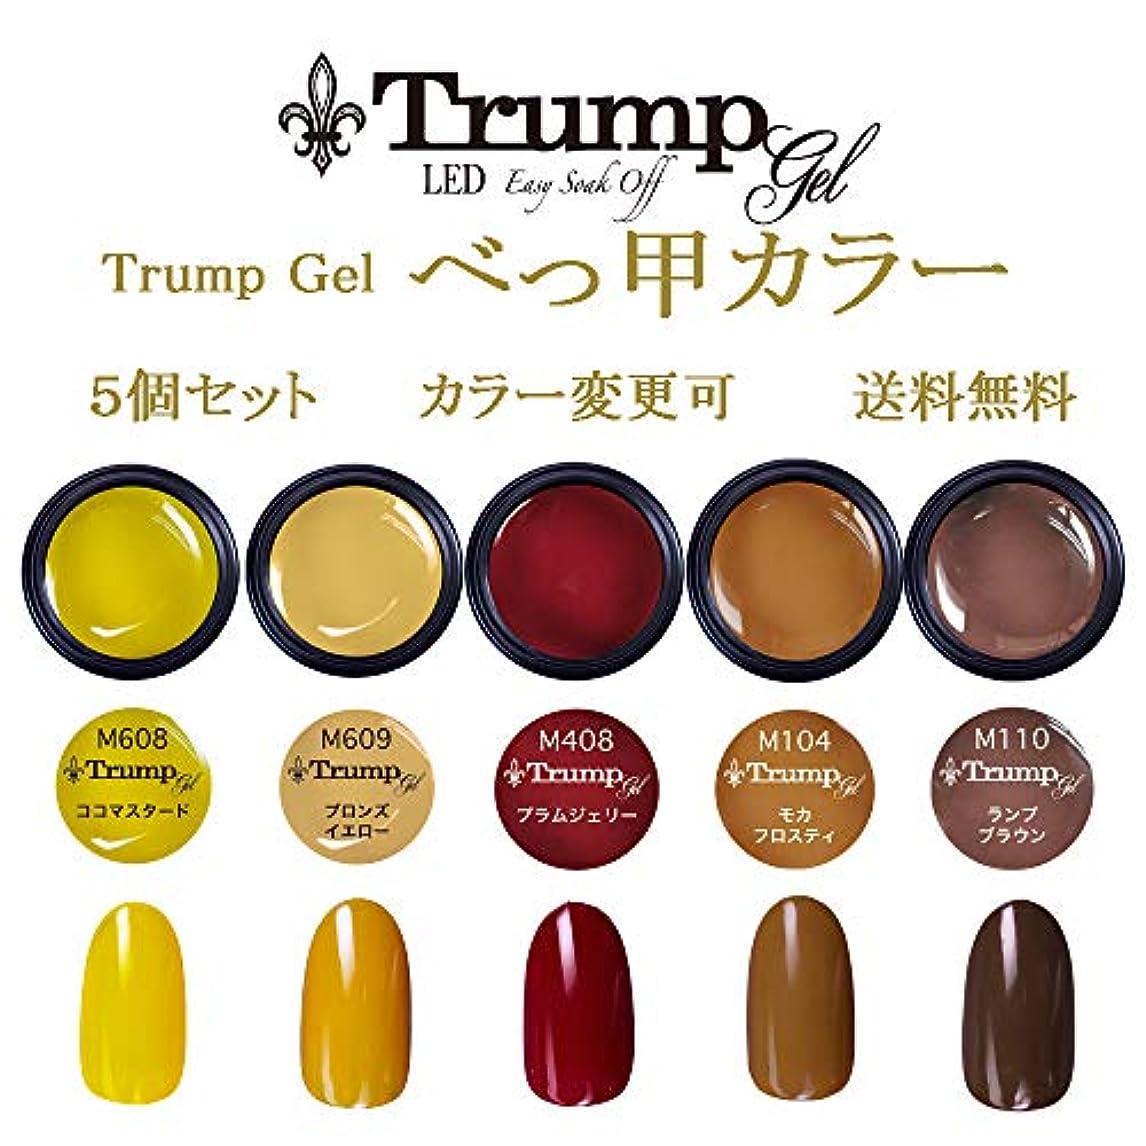 どうやらレイアウト戸惑う日本製 Trump gel トランプジェル べっ甲 ネイルカラー 選べる カラージェル 5個セット イエロー ブラウン ワイン べっこう